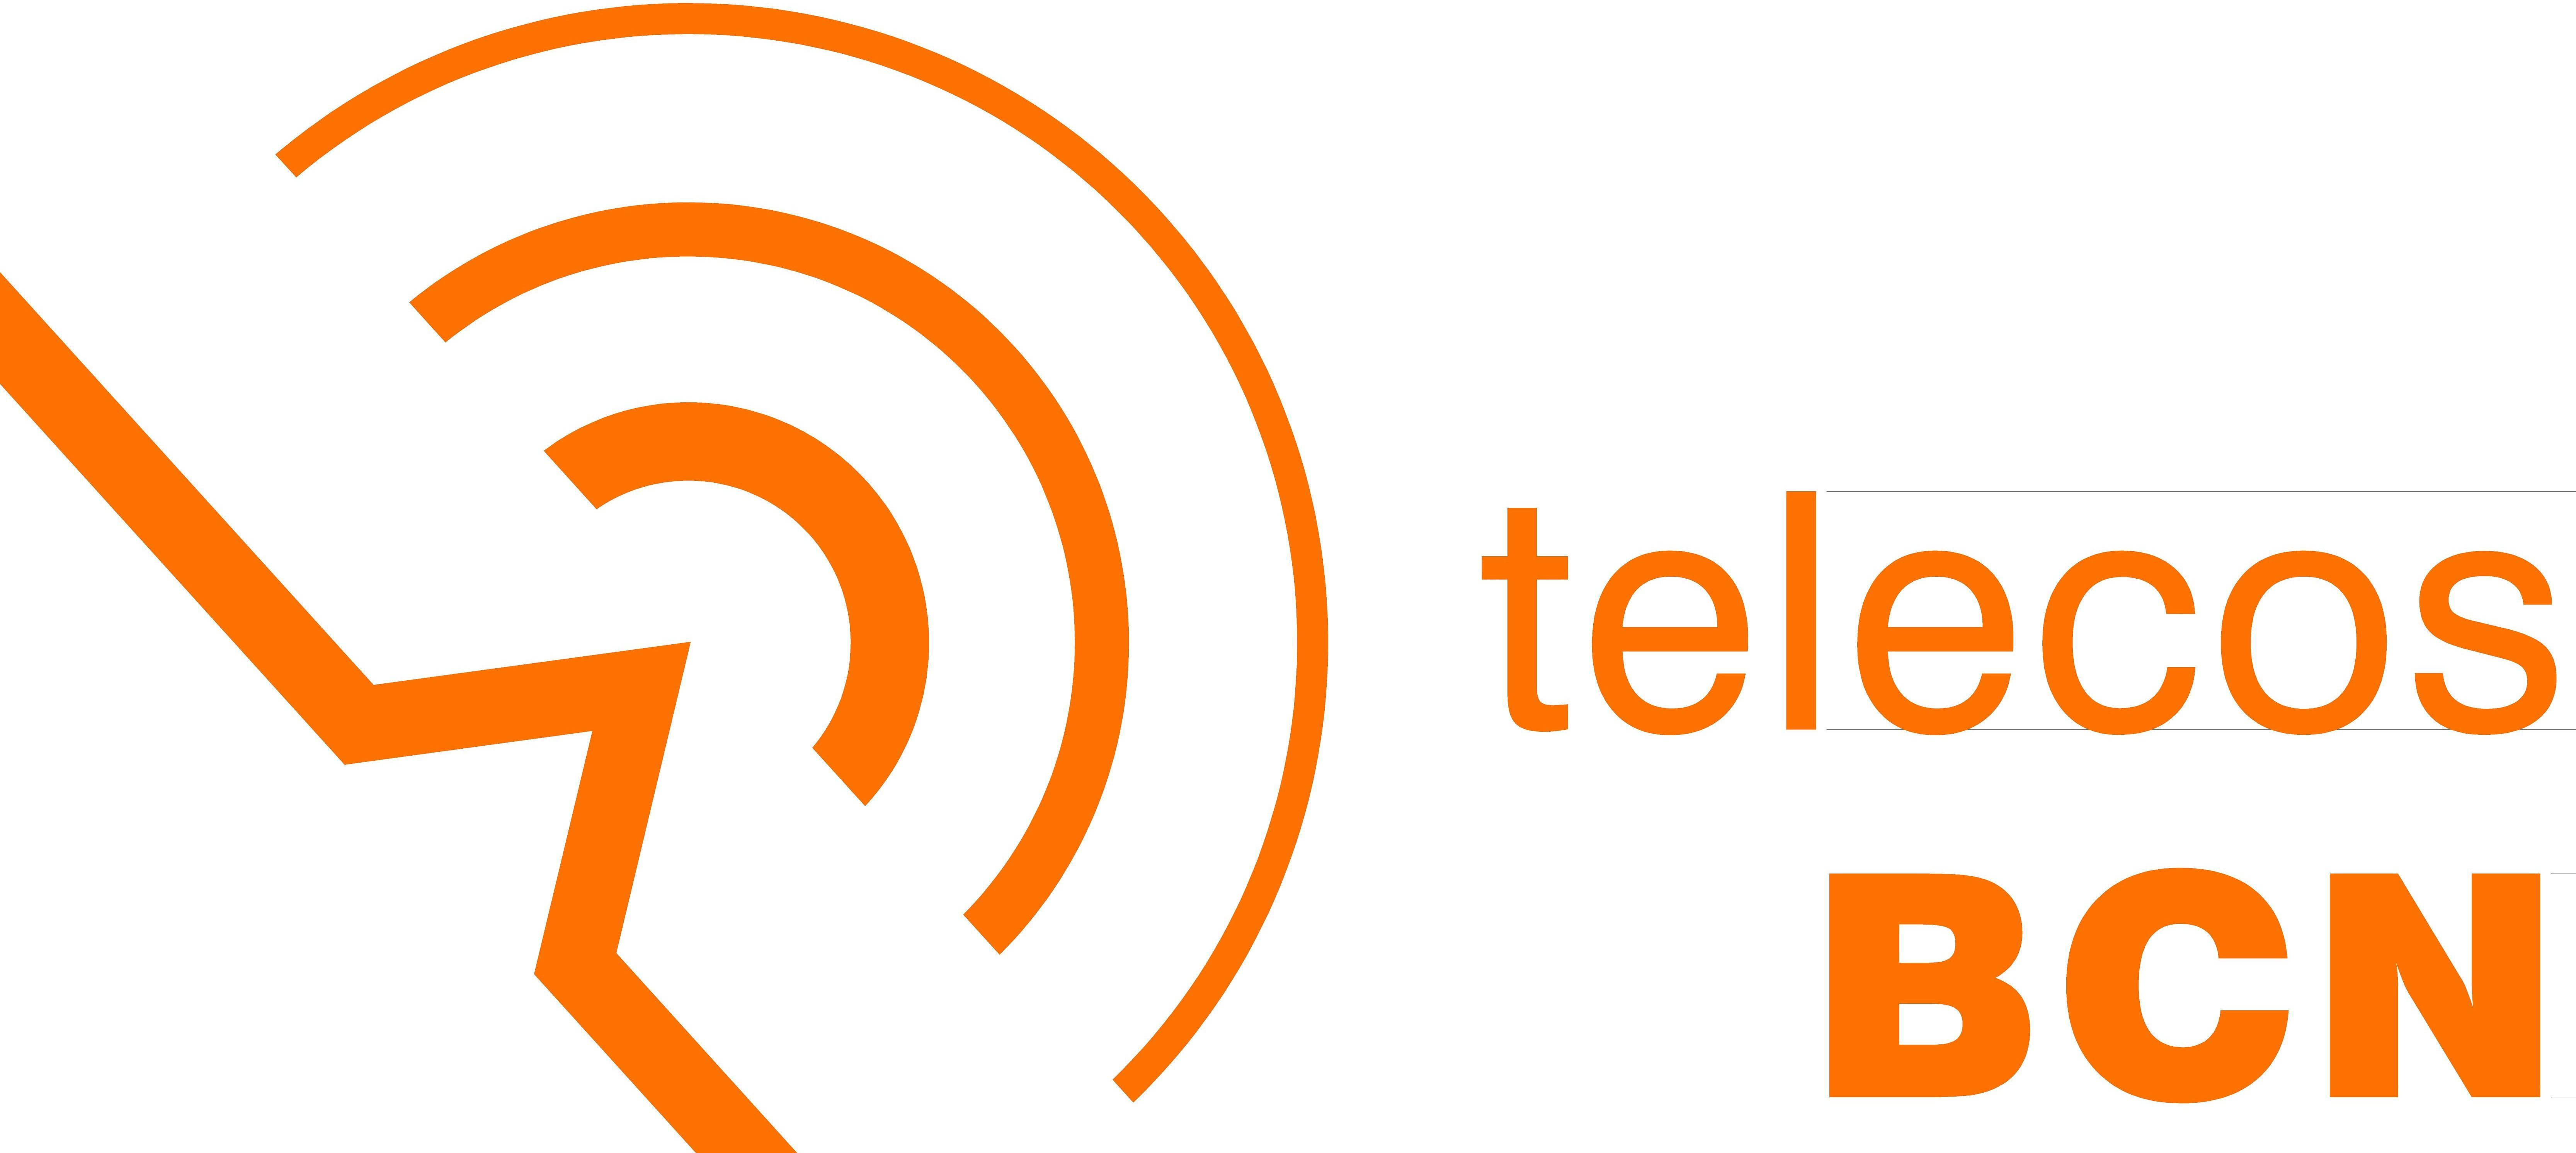 telecom2, (obriu en una finestra nova)